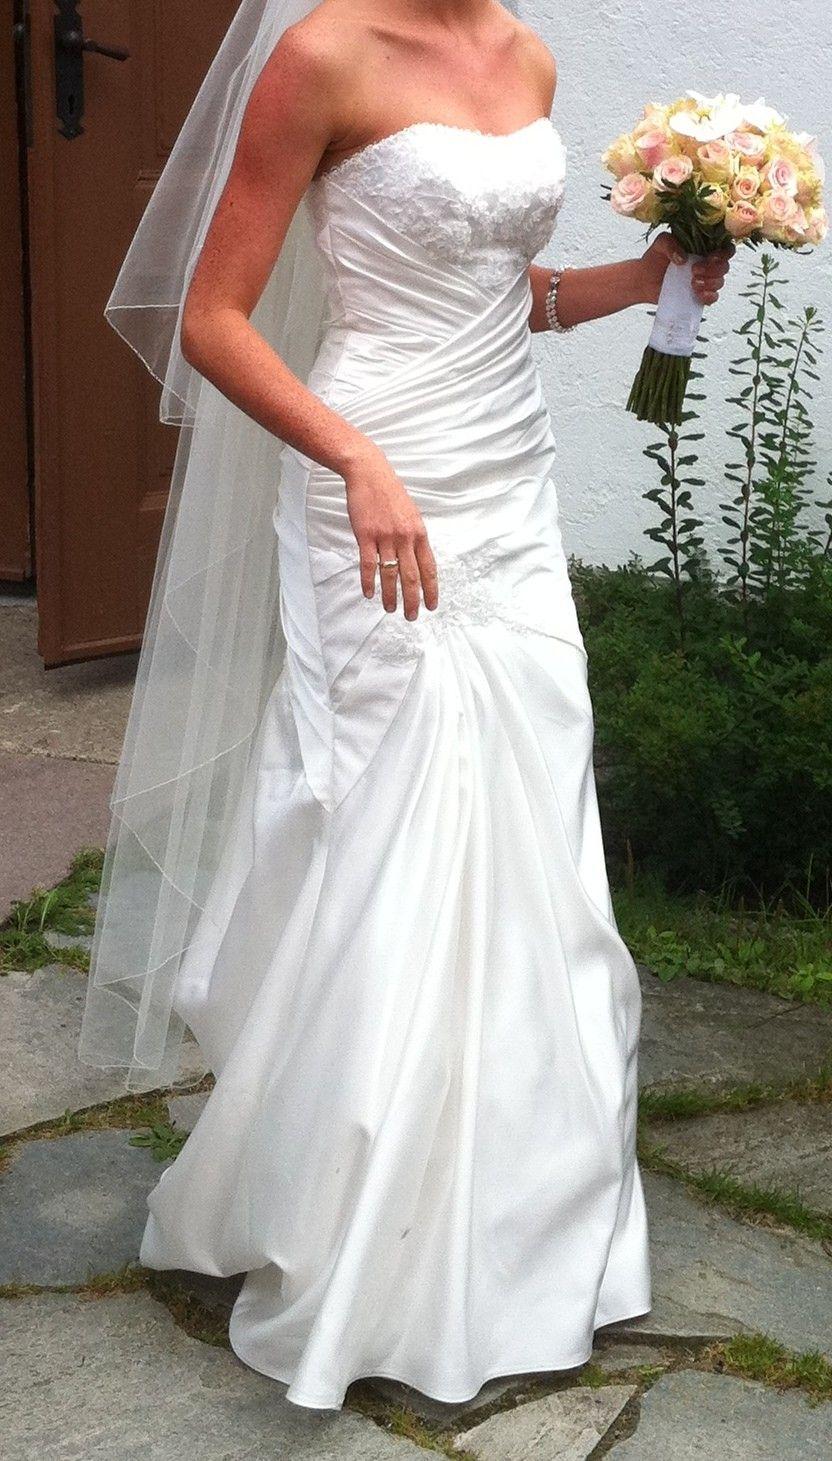 eb303ab1 Pent brukt brudekjole fra Agape selges | FINN.no